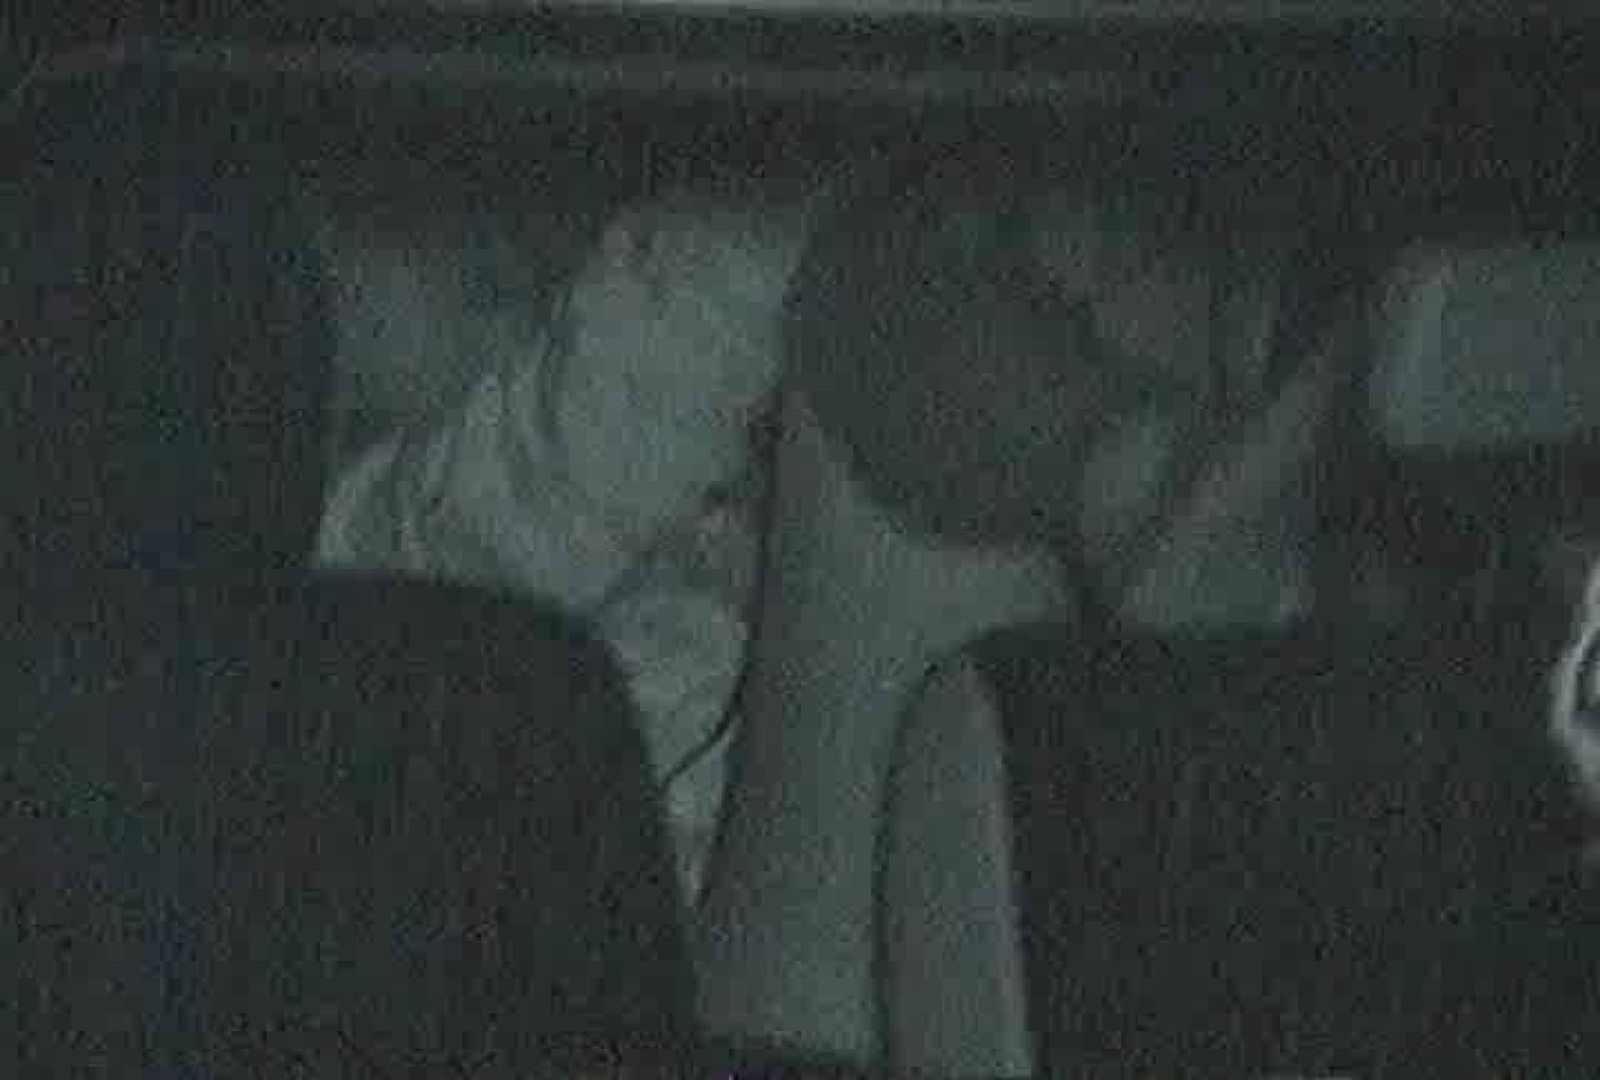 充血監督の深夜の運動会Vol.53 おまんこ セックス画像 97pic 83